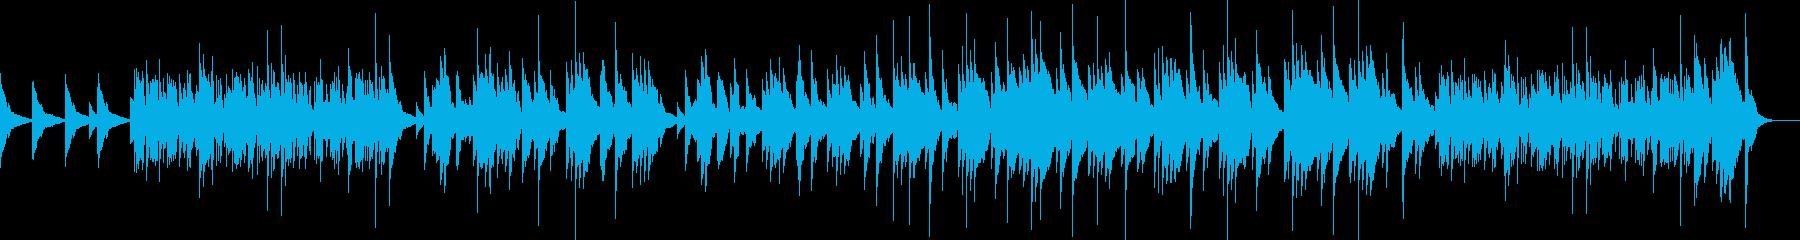 ピアノソロによる映像向きの曲の再生済みの波形